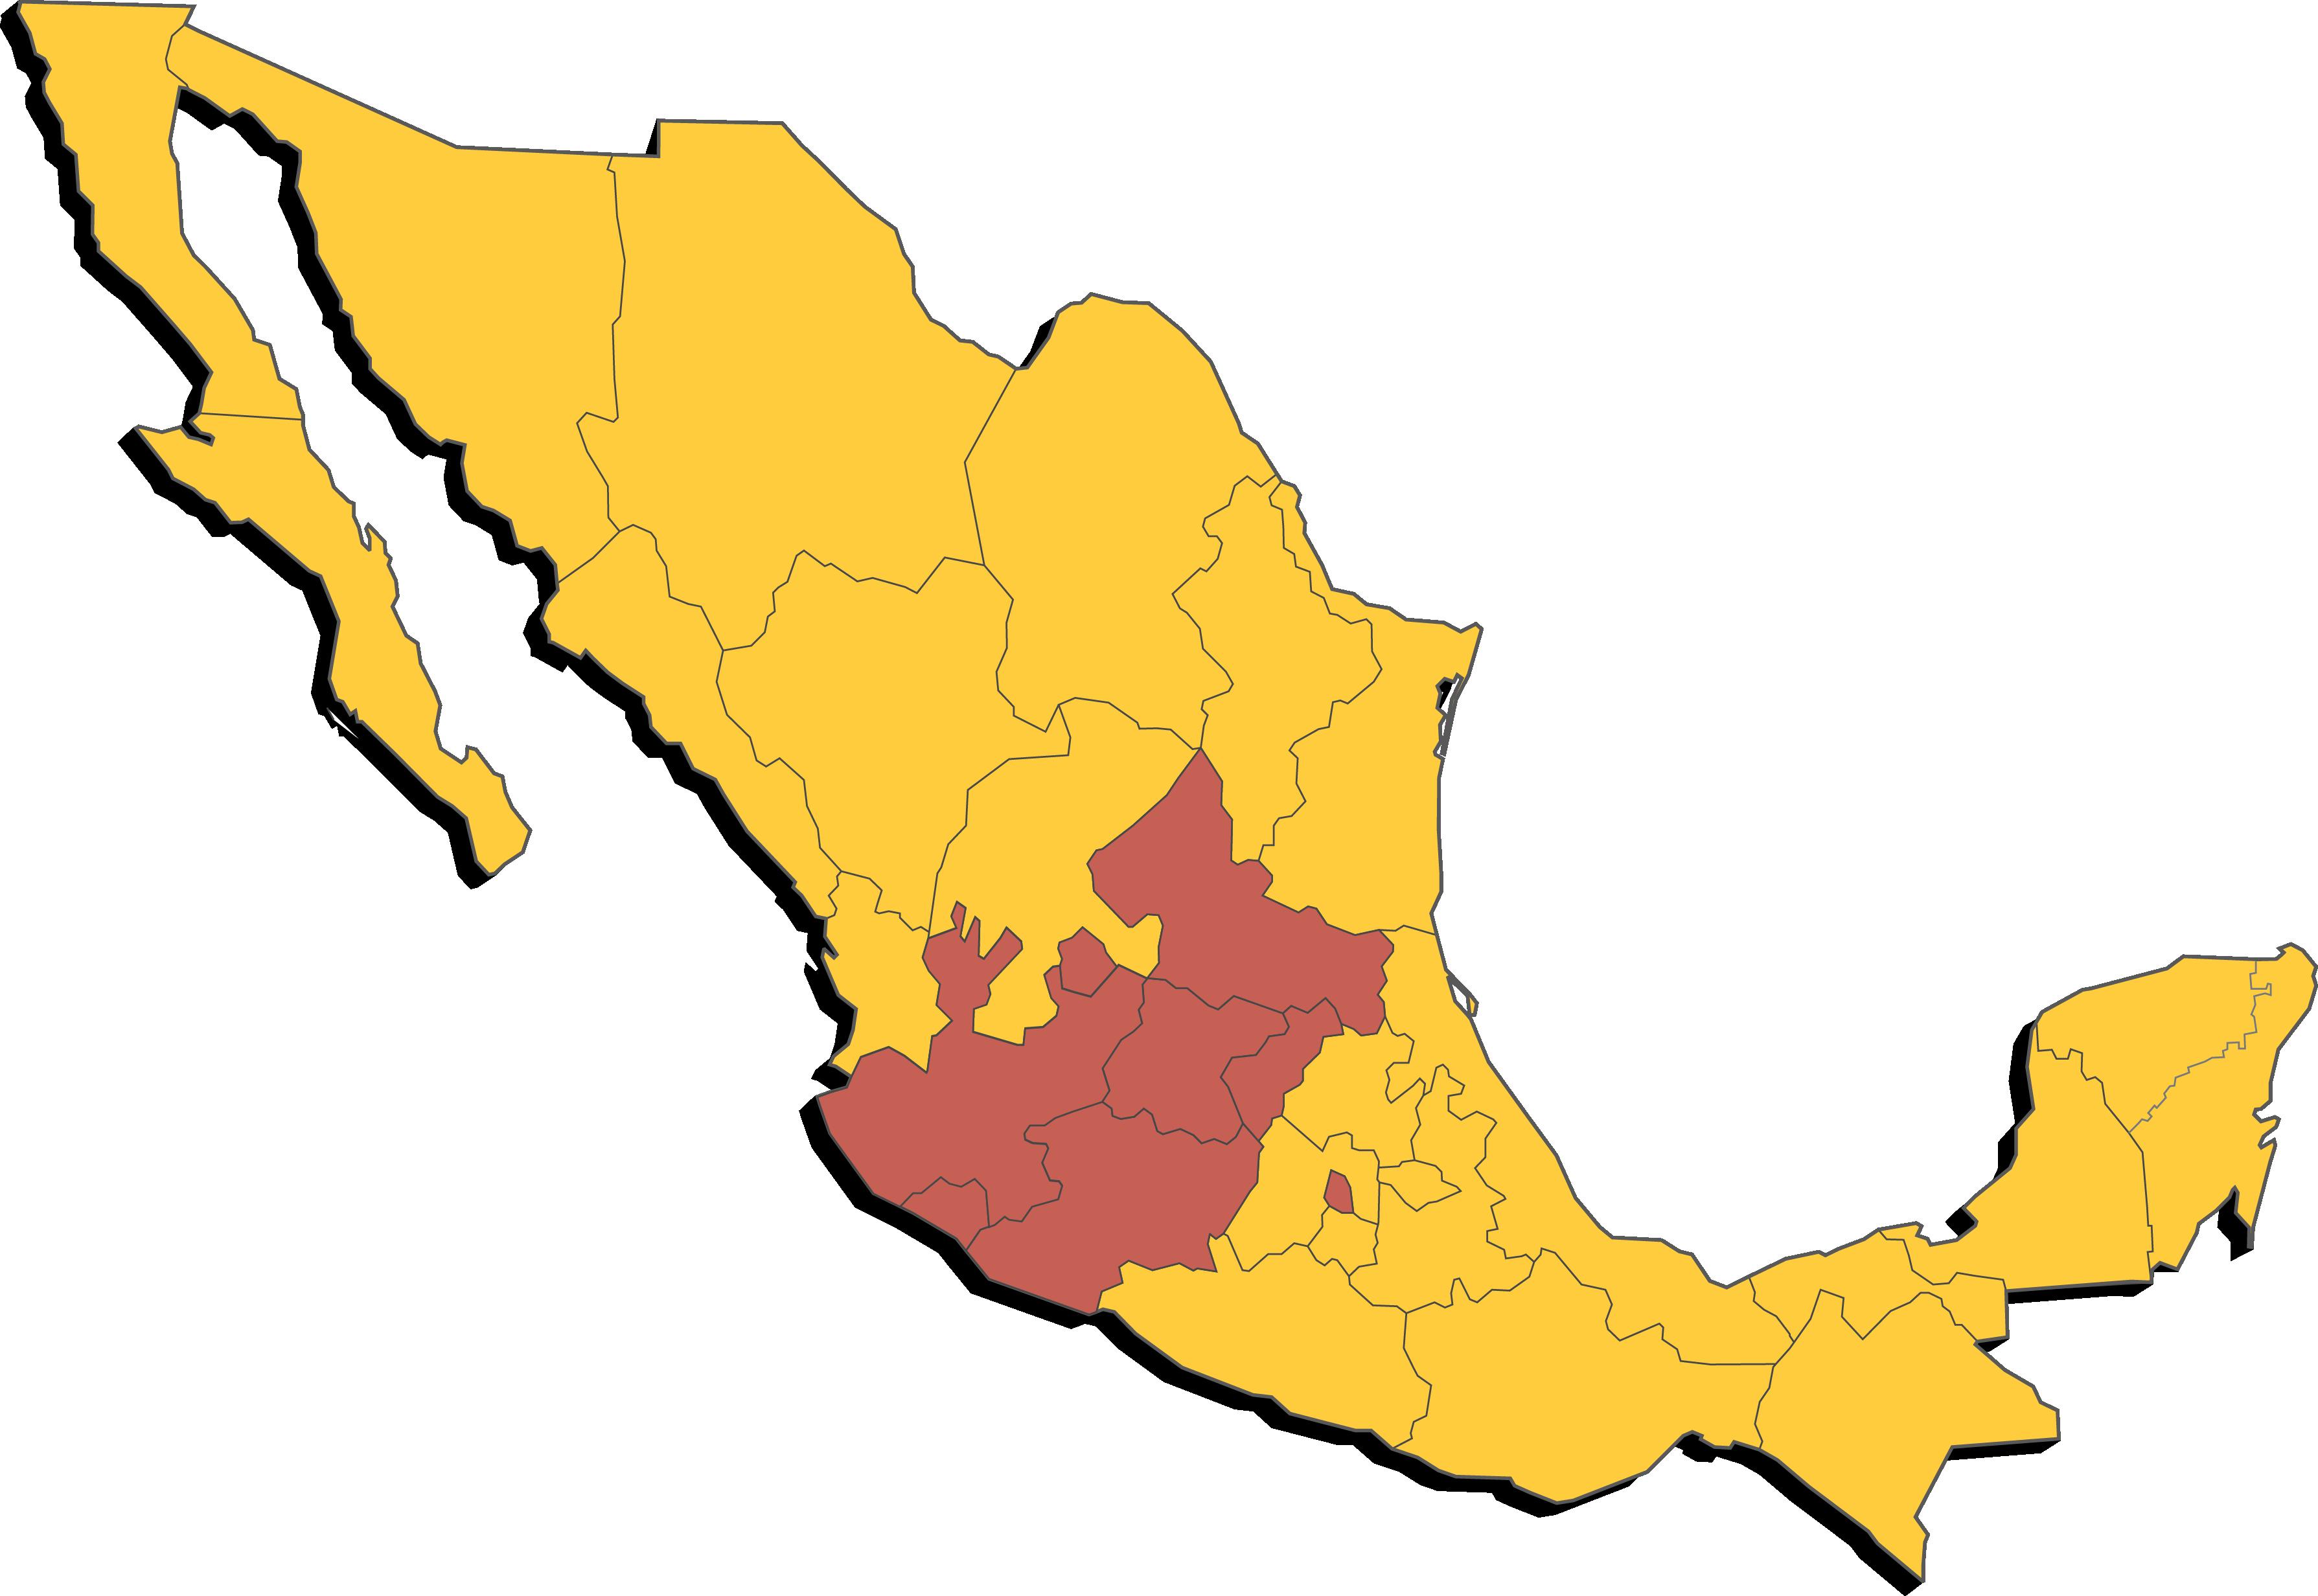 Flecha Amarilla en Mexico